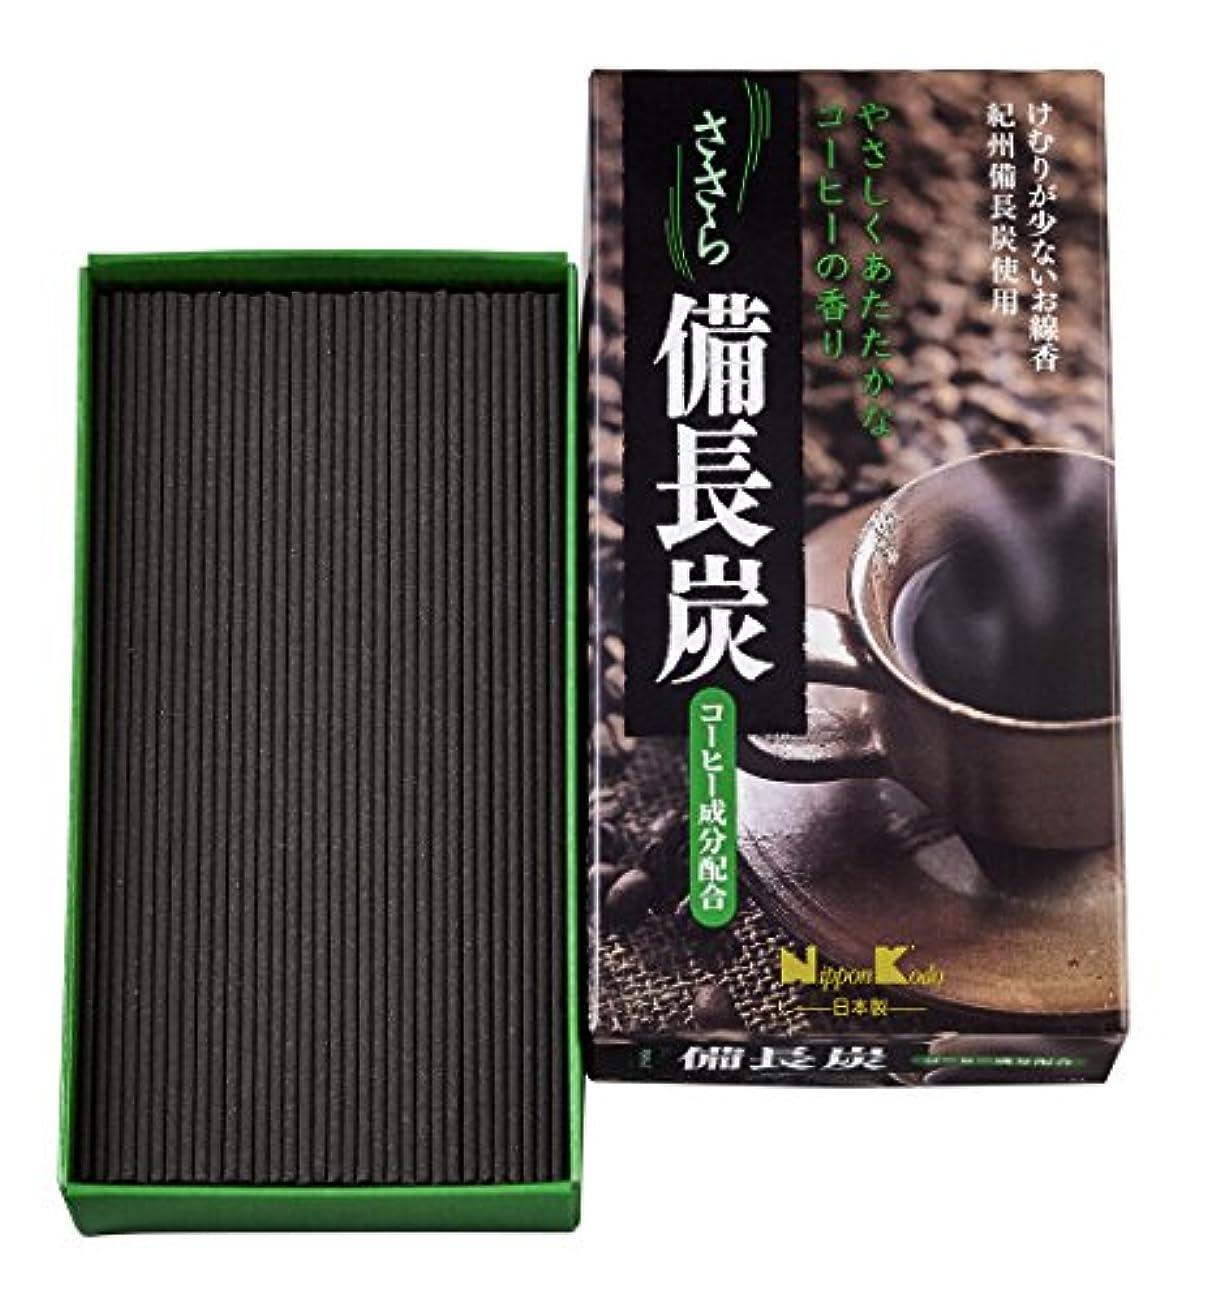 溶岩現像トランスミッションささら 備長炭 コーヒー バラ詰